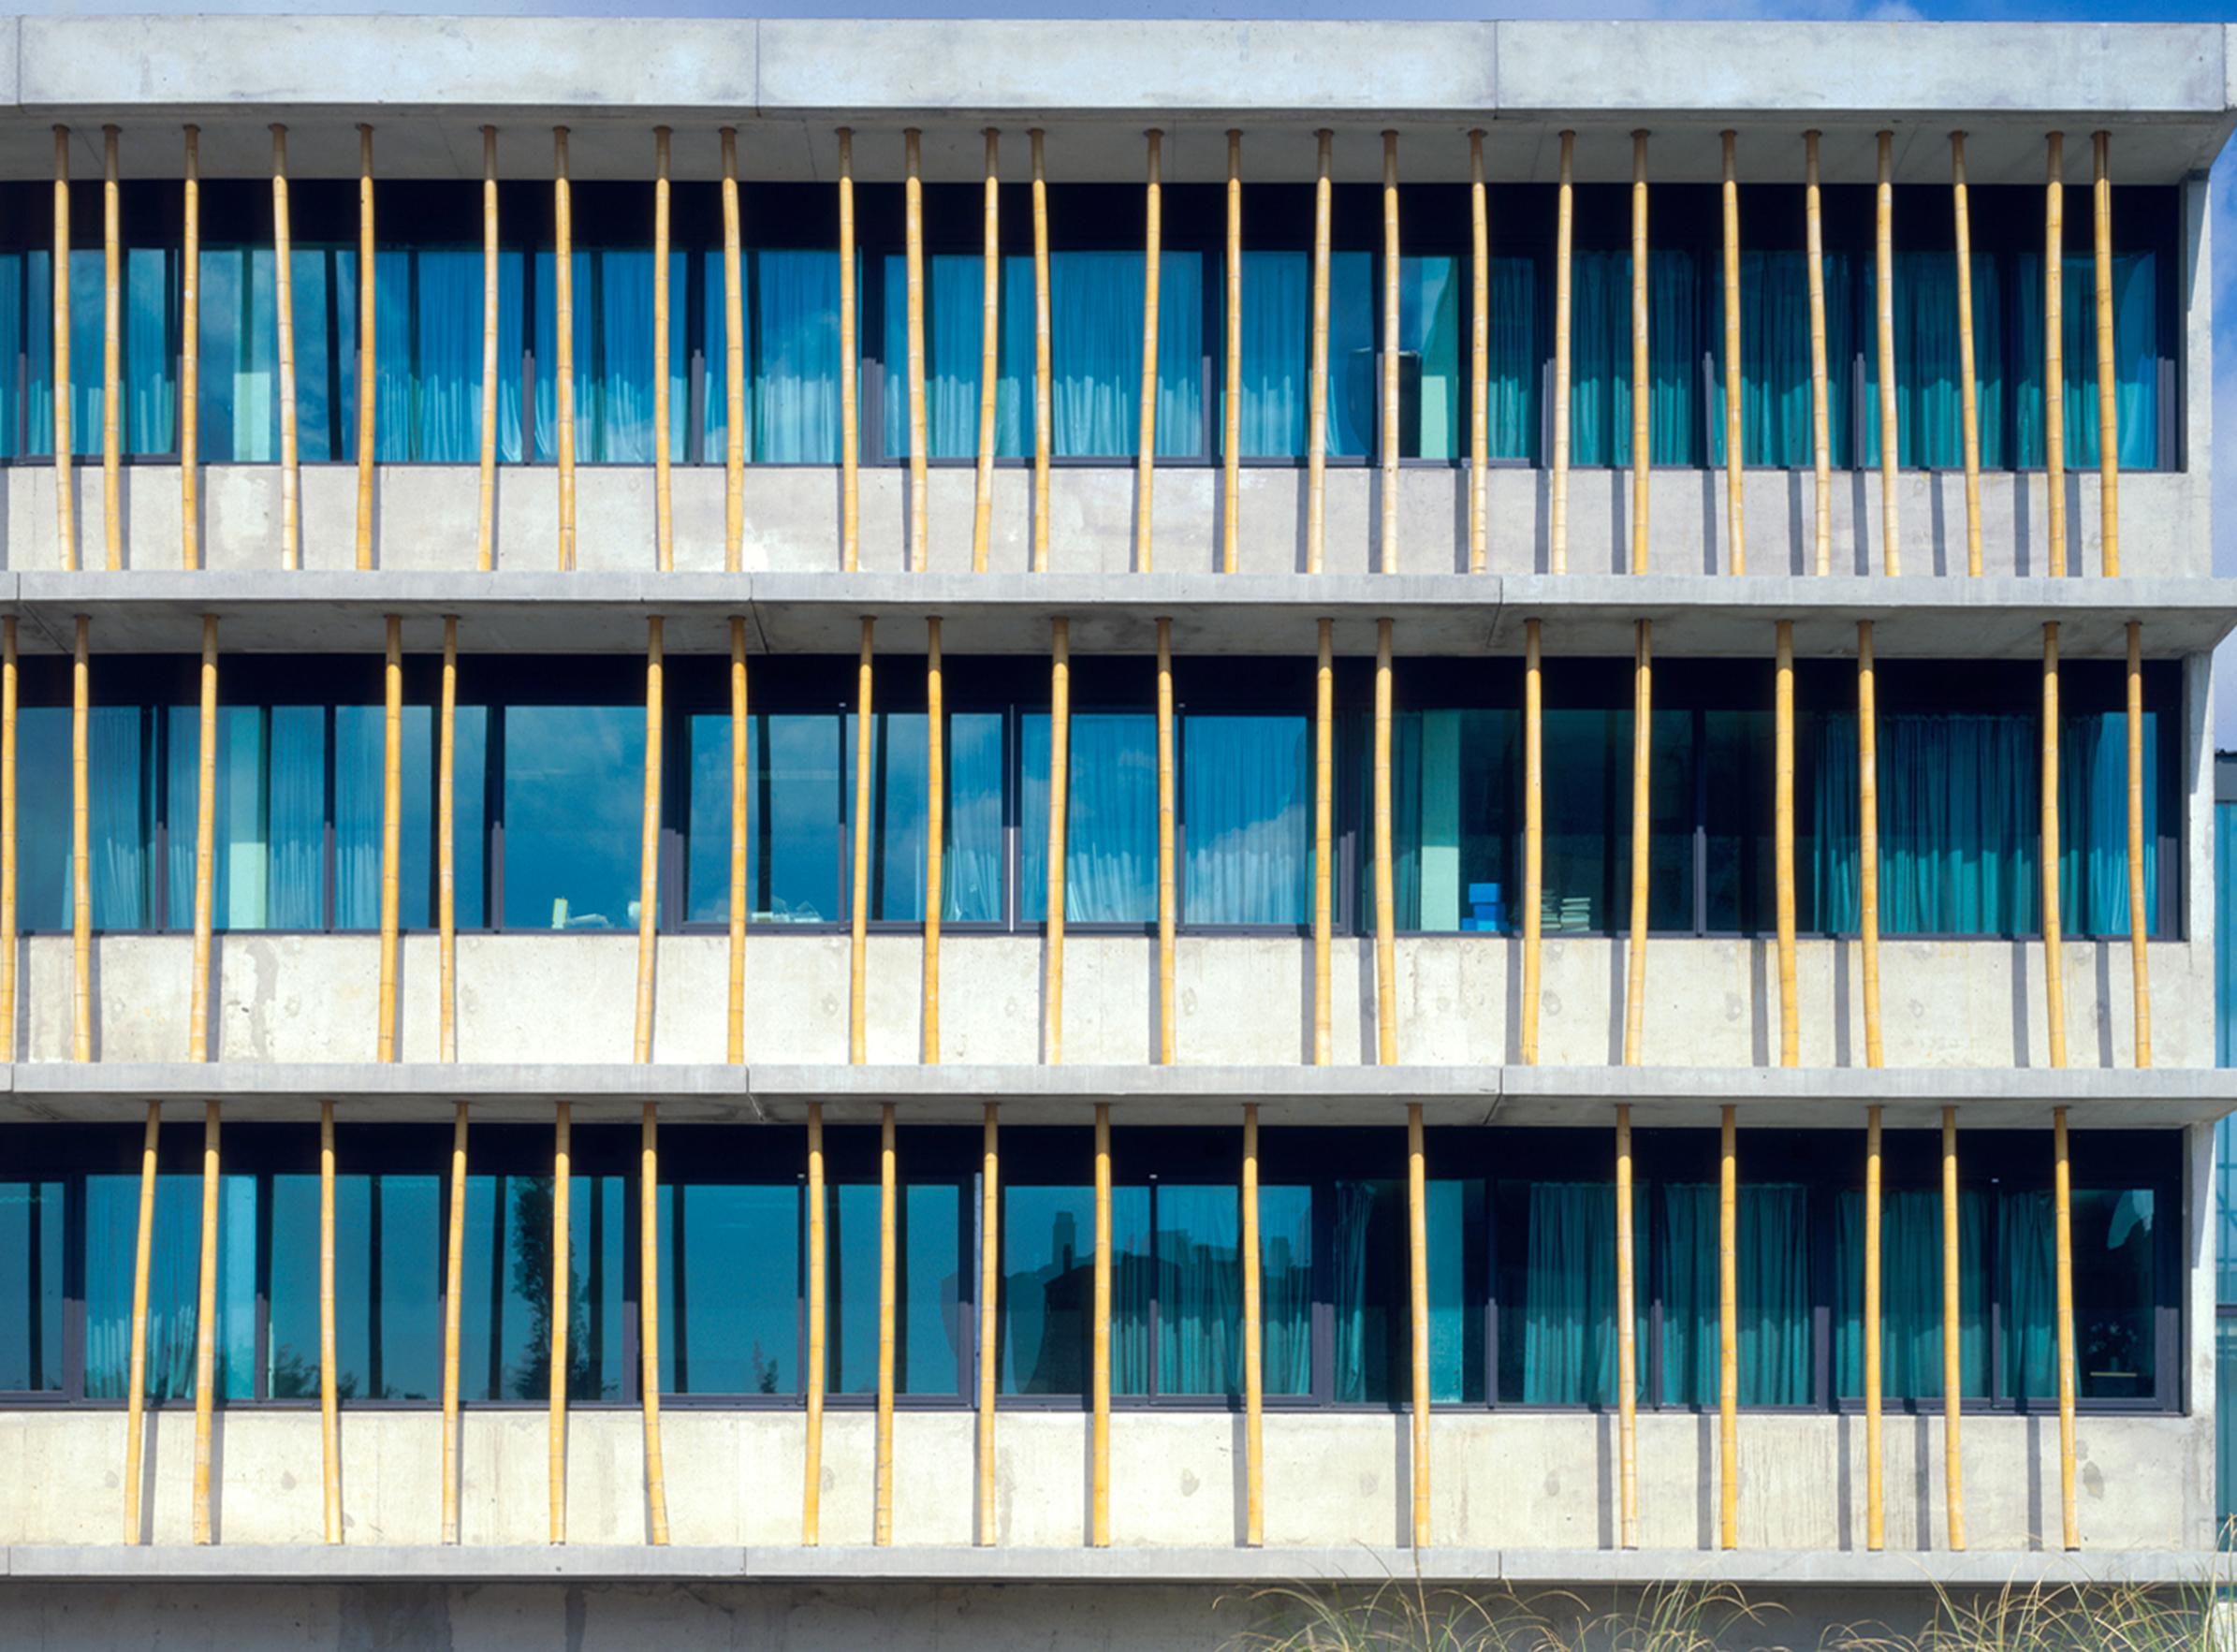 Collège Renoir Rostand 02 - Équipements Bureau - Caractère Spécial - Matthieu Poitevin Architecture